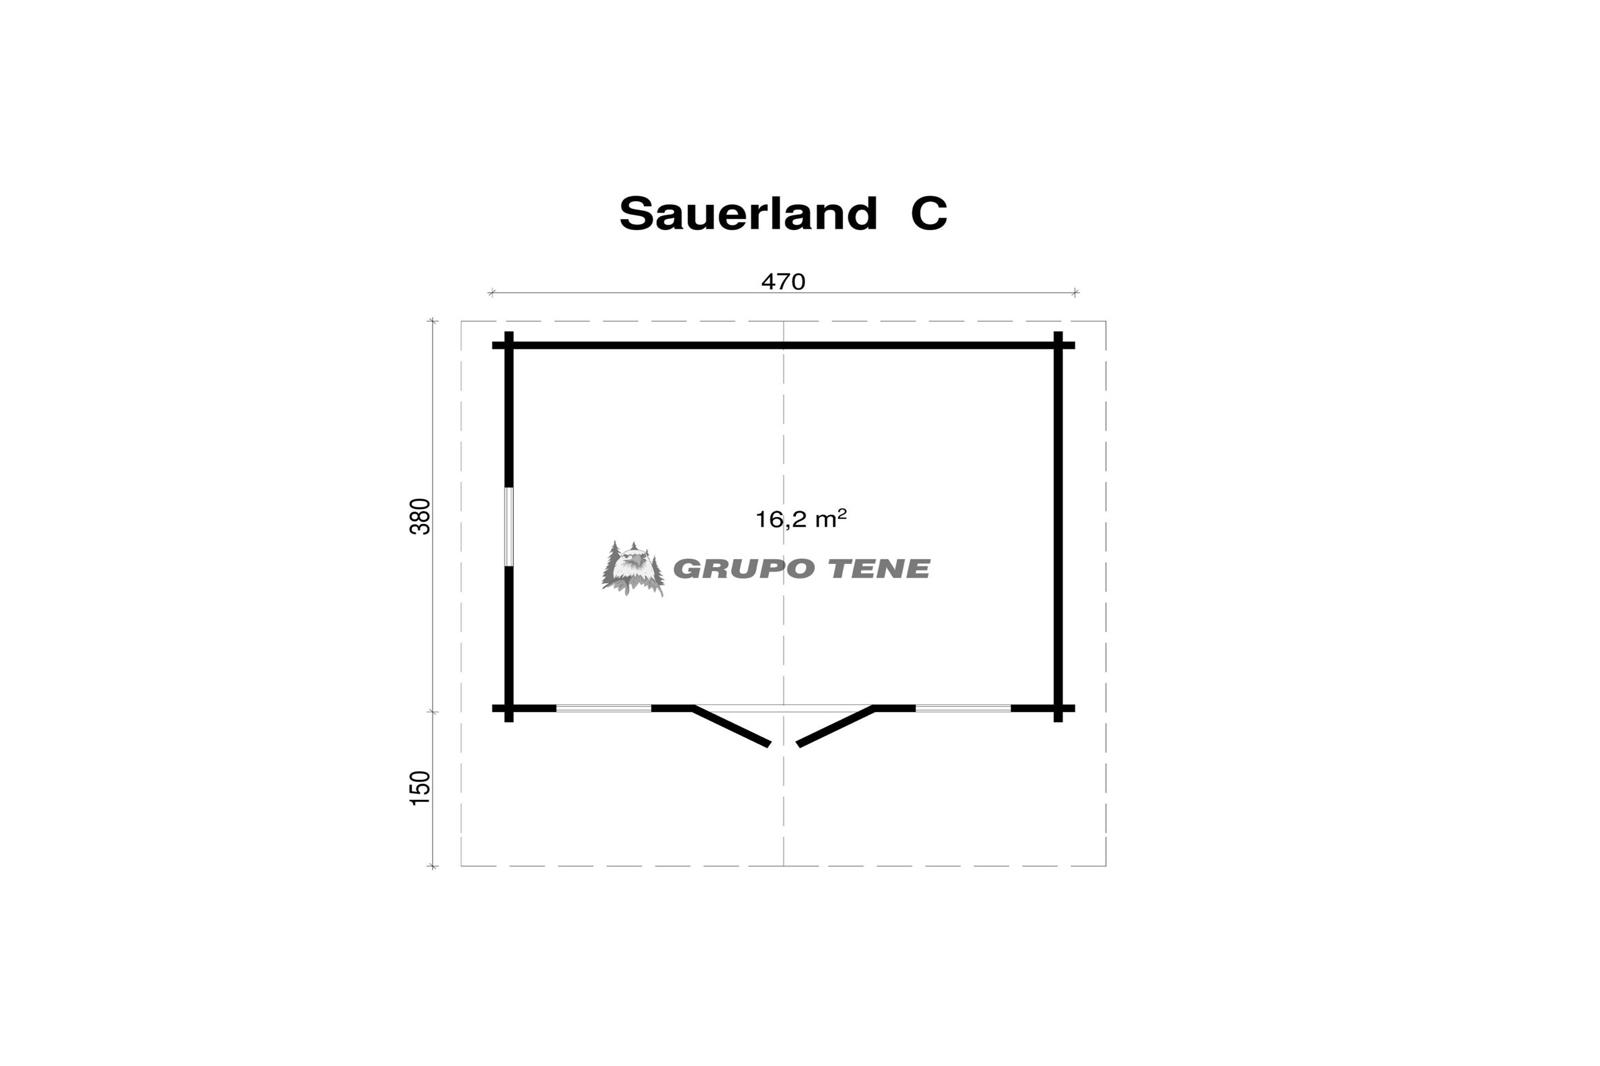 plano sauerland c